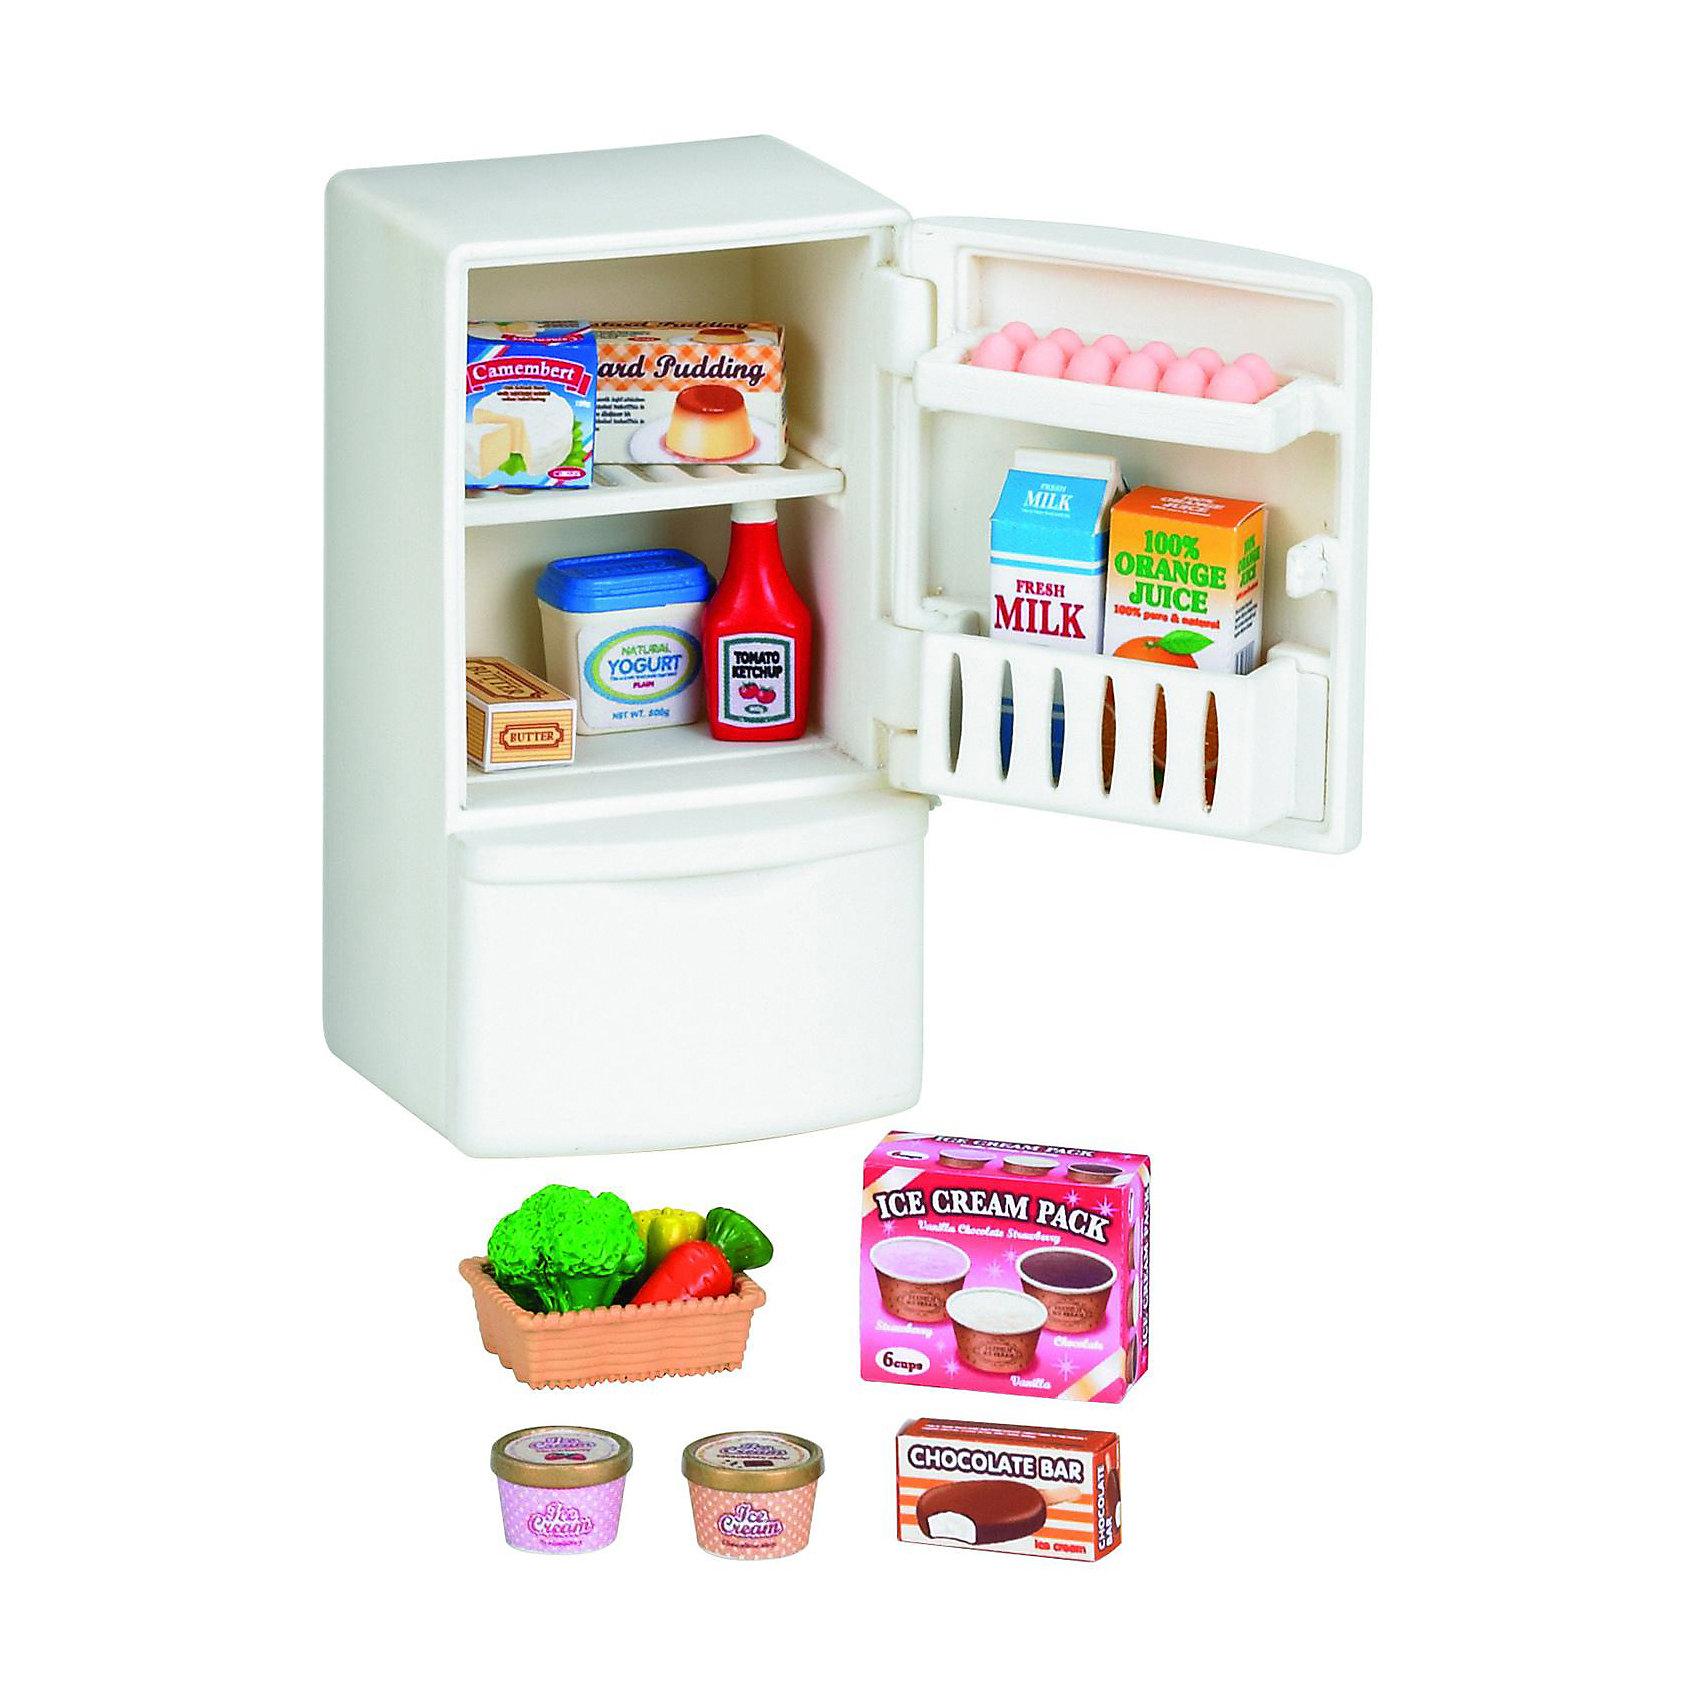 - Набор Холодильник с продуктами Sylvanian Families холодильник с продуктами